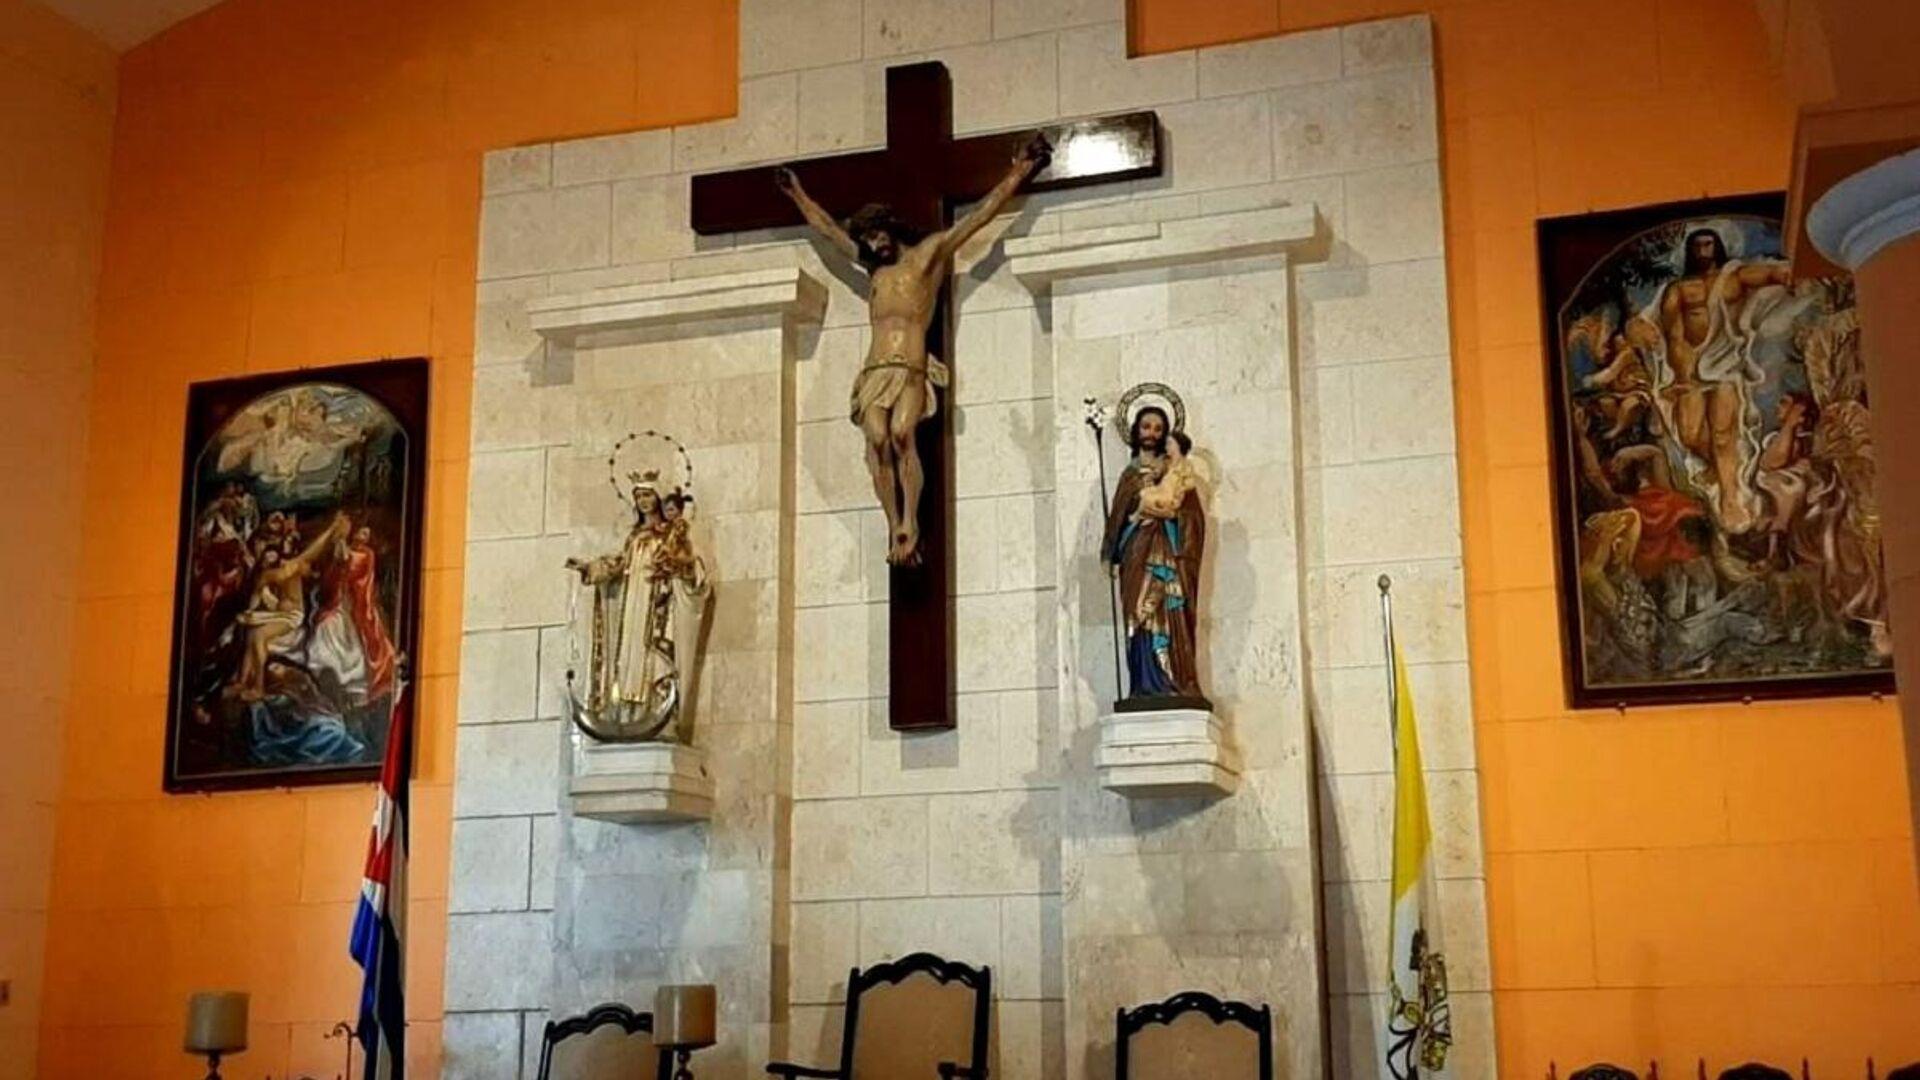 Interior de una iglesia católica en Cuba, los cuadros situados a ambos lados de la cruz corresponden al pintor cubano Mariano Rodríguez - Sputnik Mundo, 1920, 22.02.2021